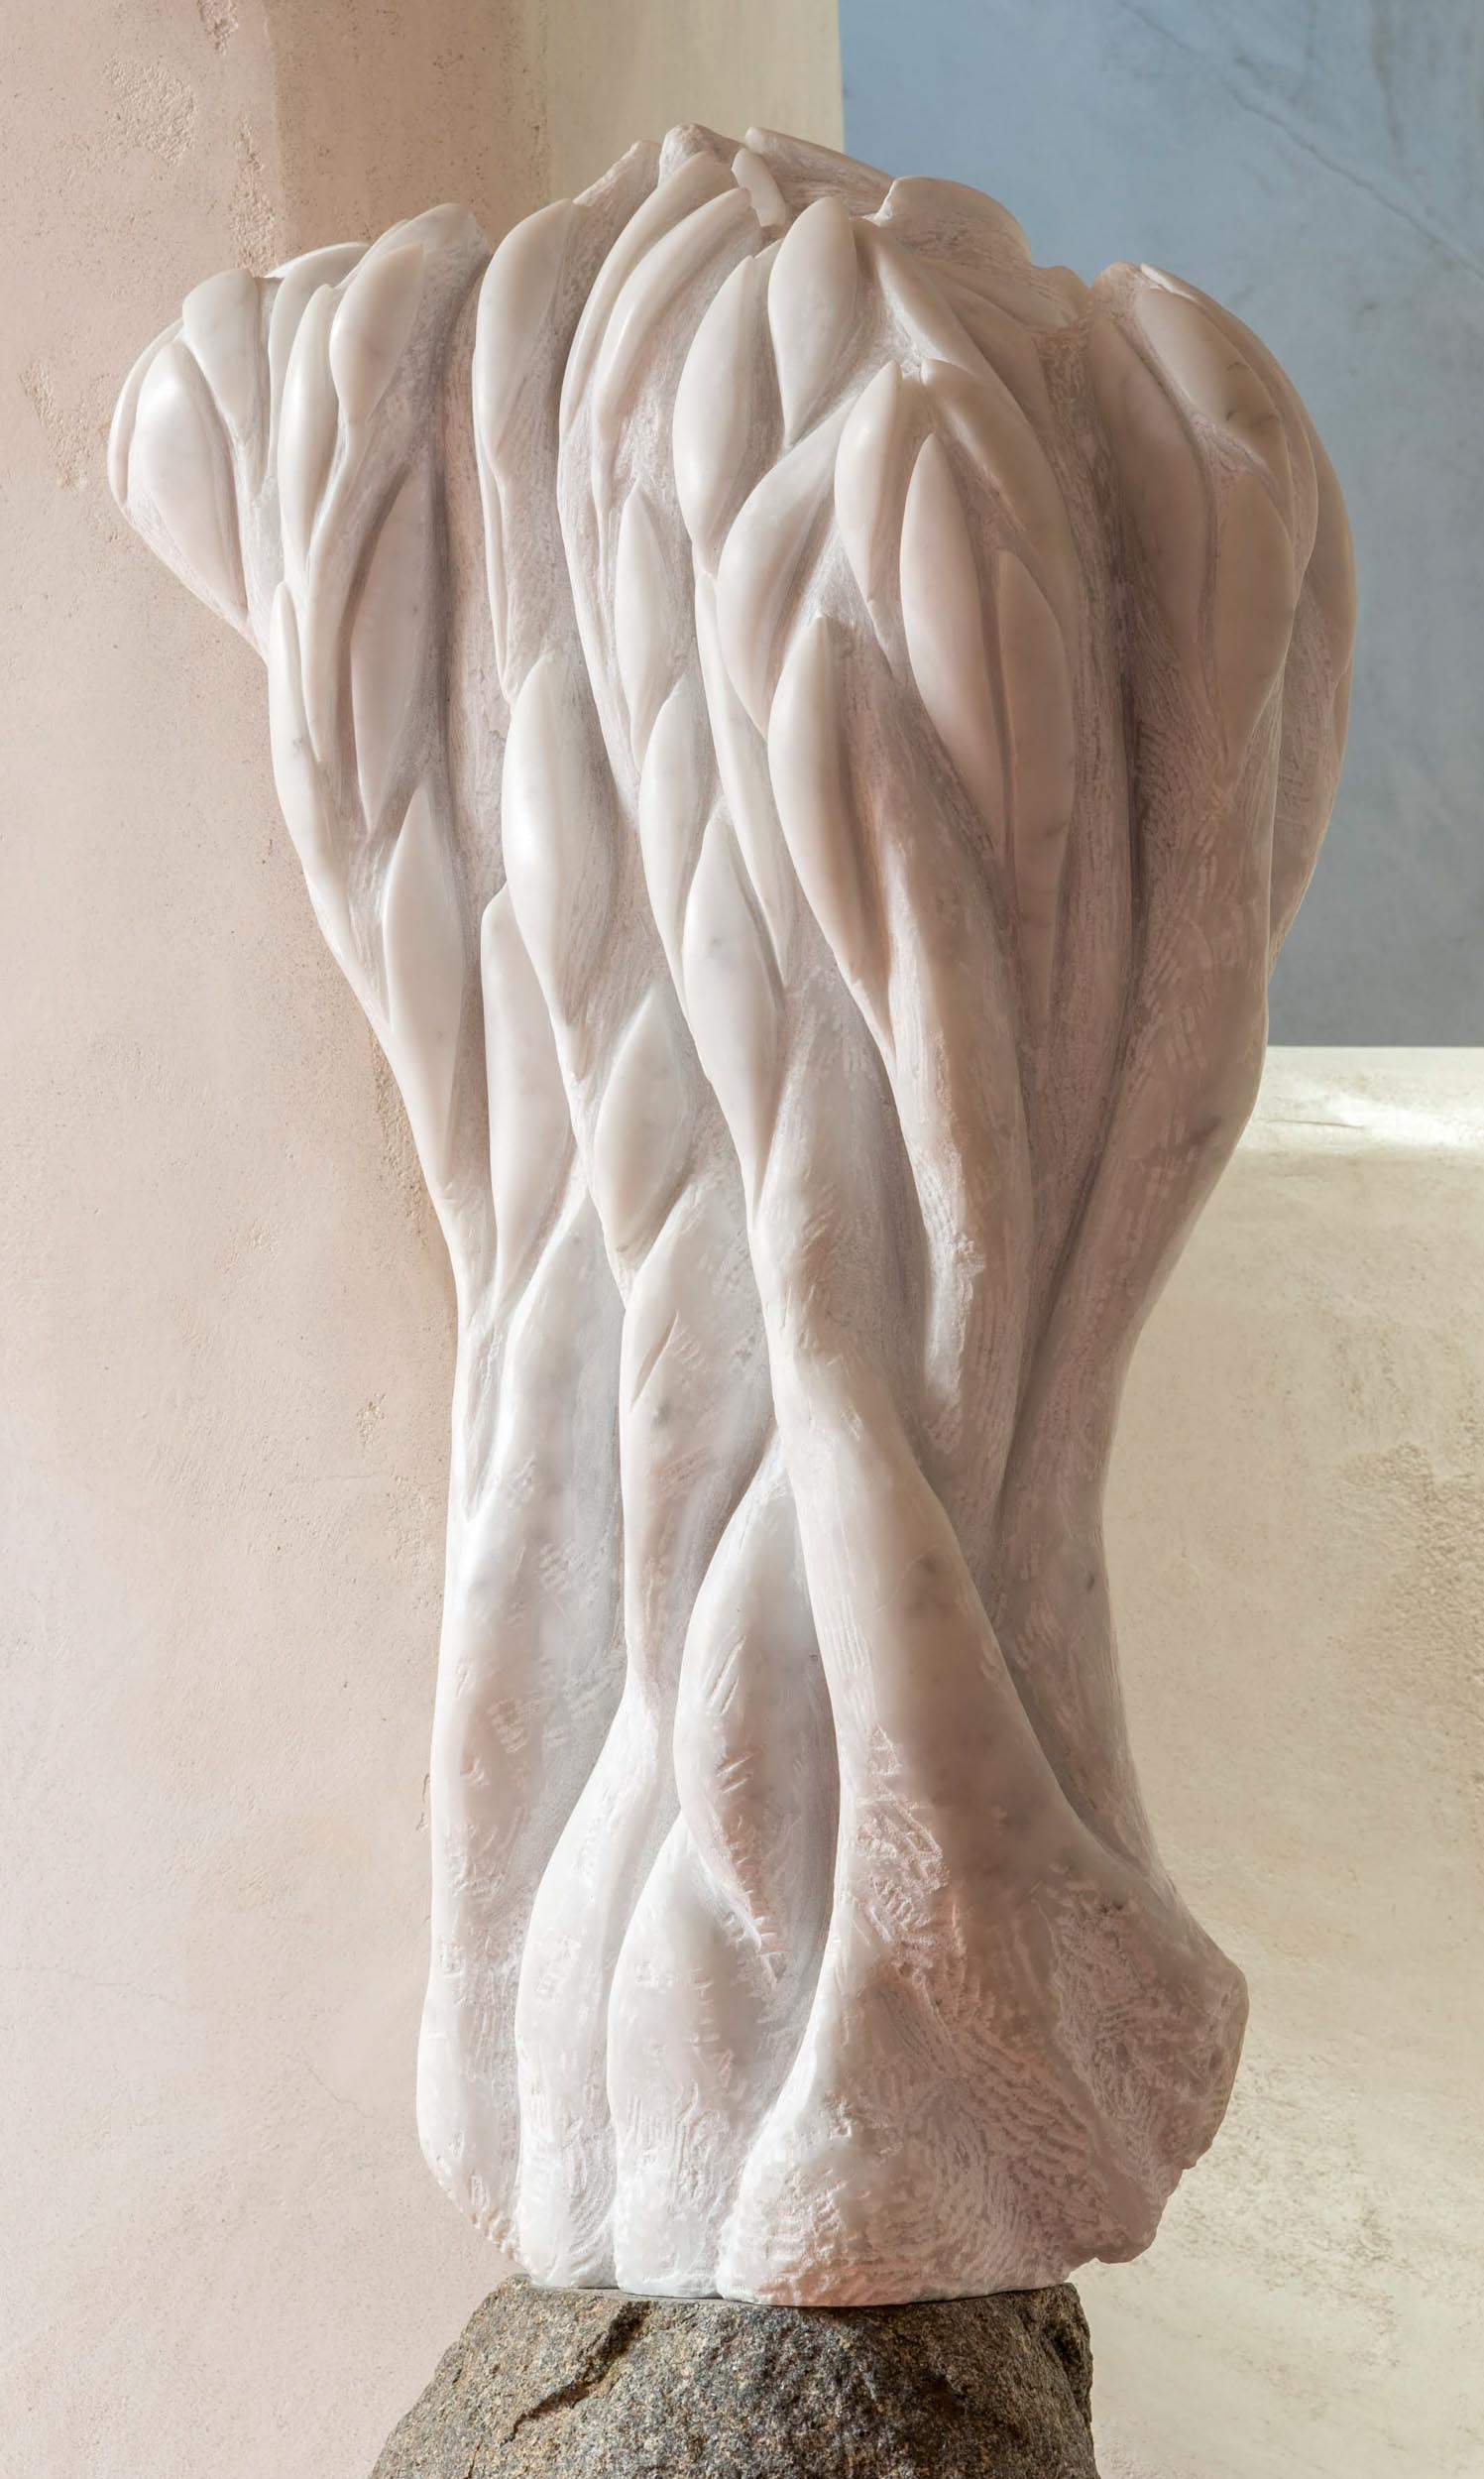 Sorarya-Nazarian-Sculpture-20.jpg